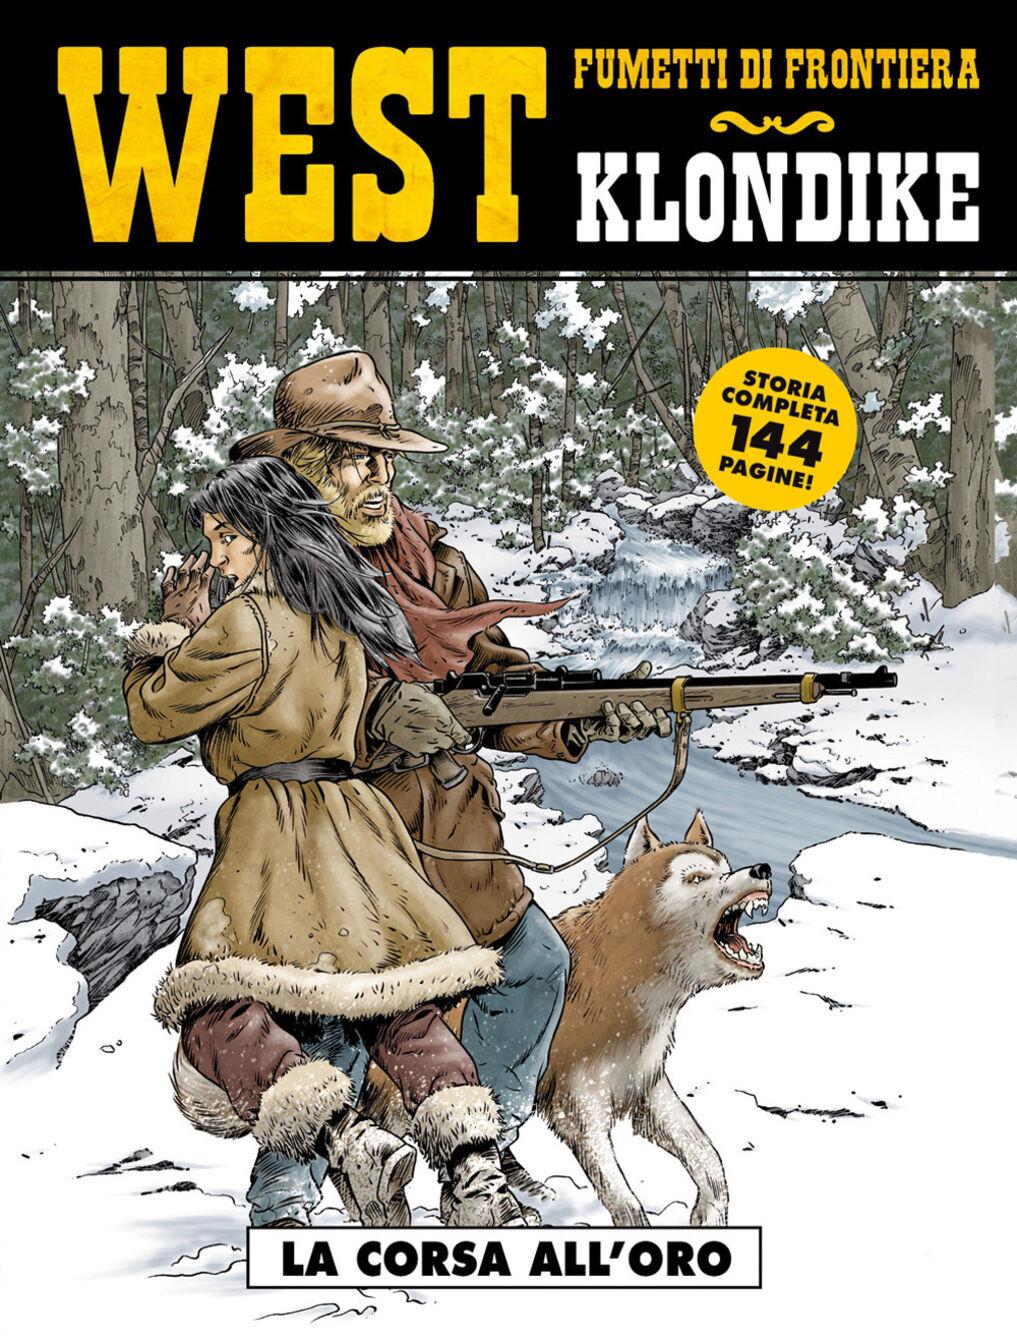 La corsa all'oro. Klondike. West. Vol. 29